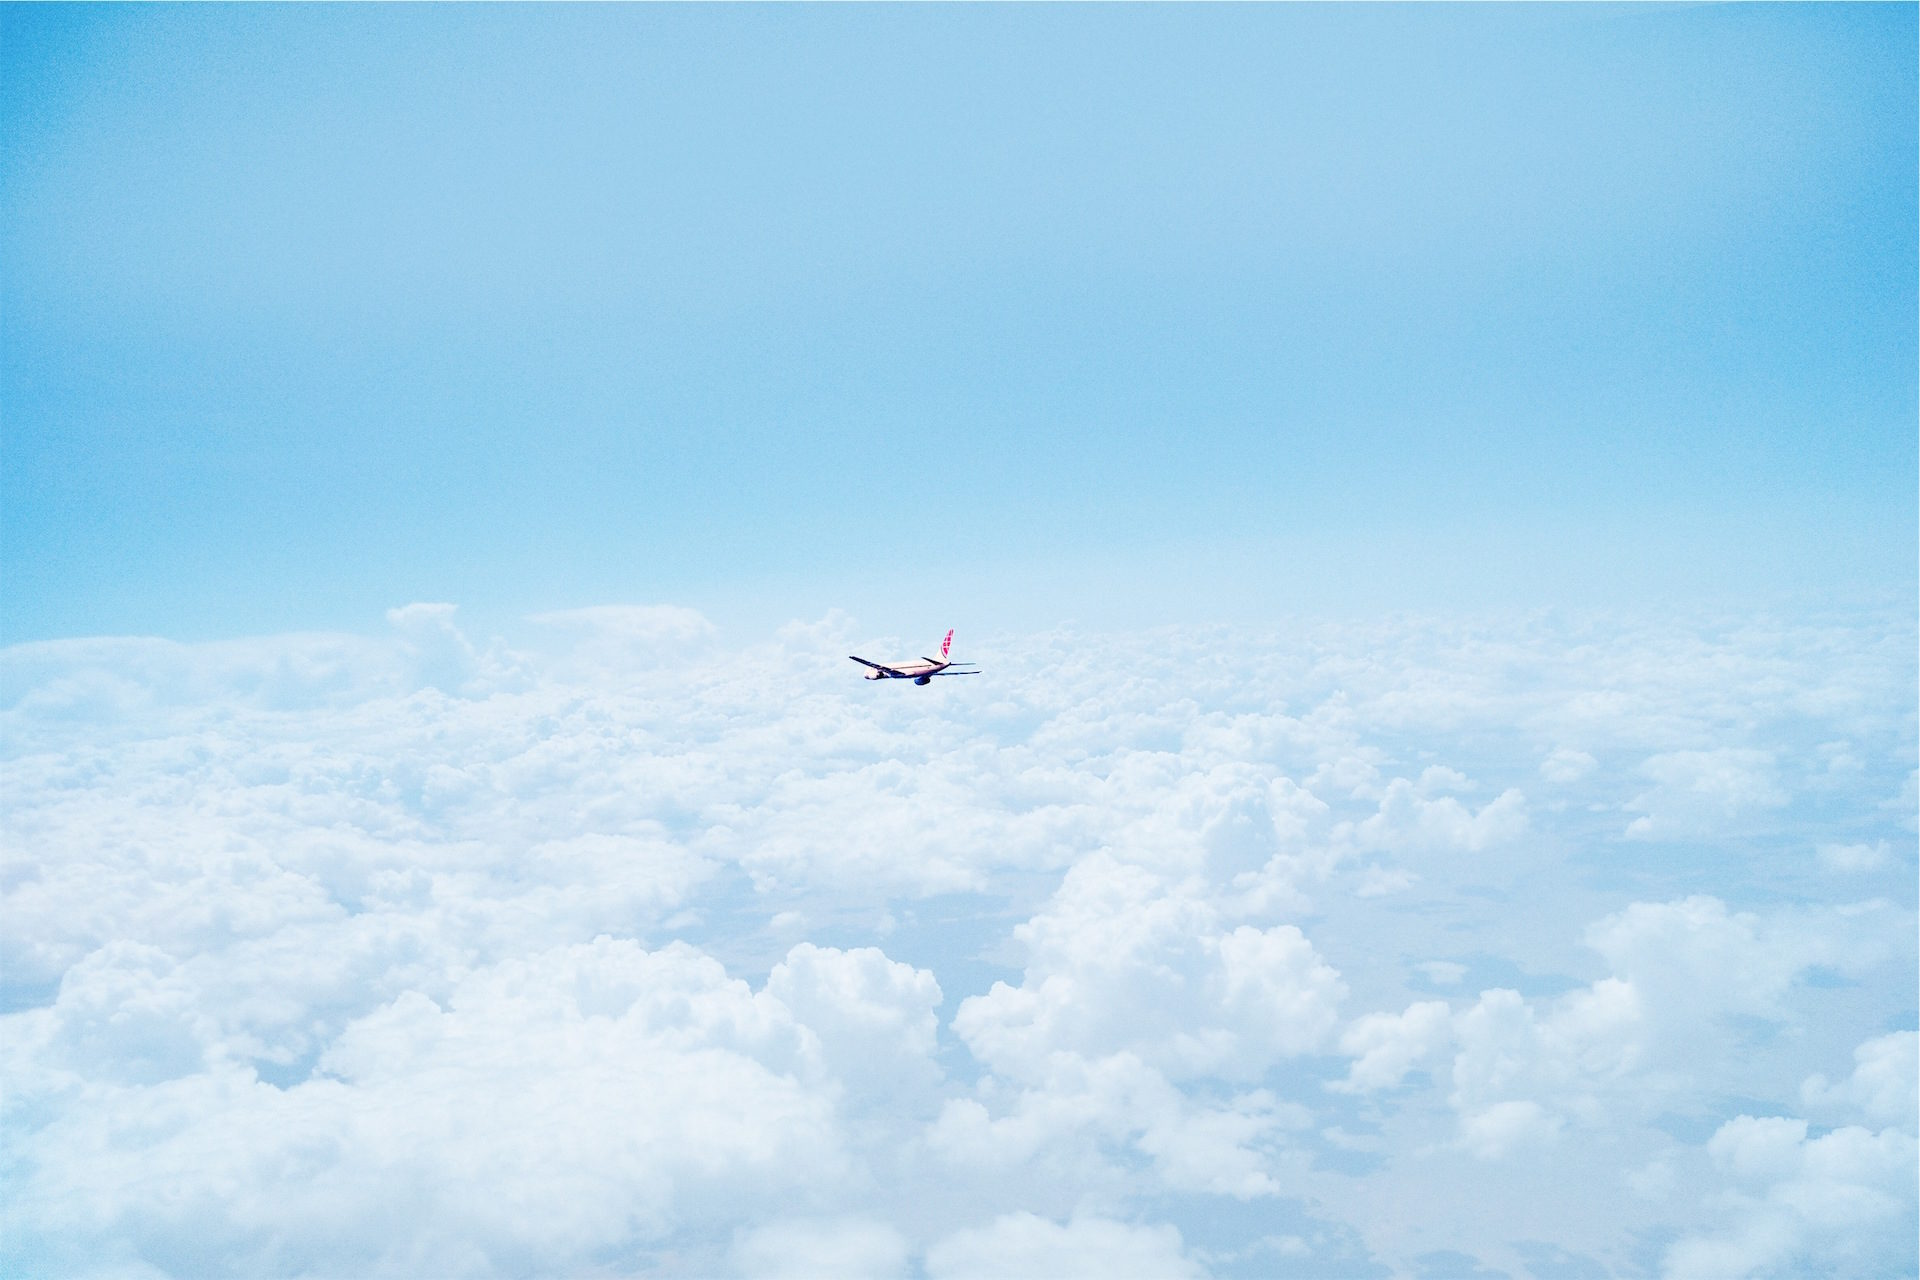 飞机, 空气, 云彩, 天空, 蓝色 - 高清壁纸 - 教授-falken.com